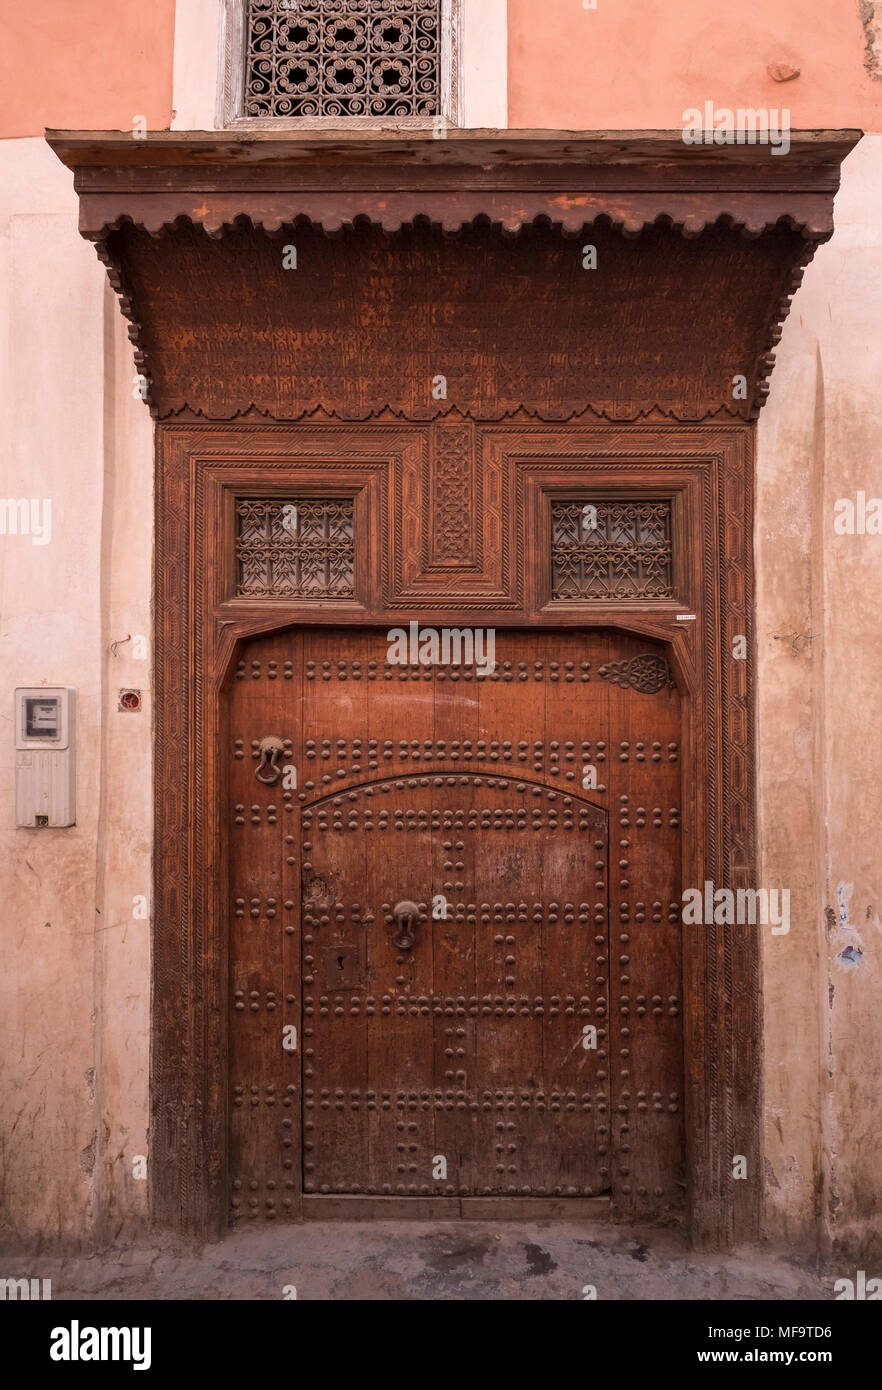 Typische Riad Eingang Eingang in die Gassen von Marrakech, Marrakesch, Marokko Stockbild